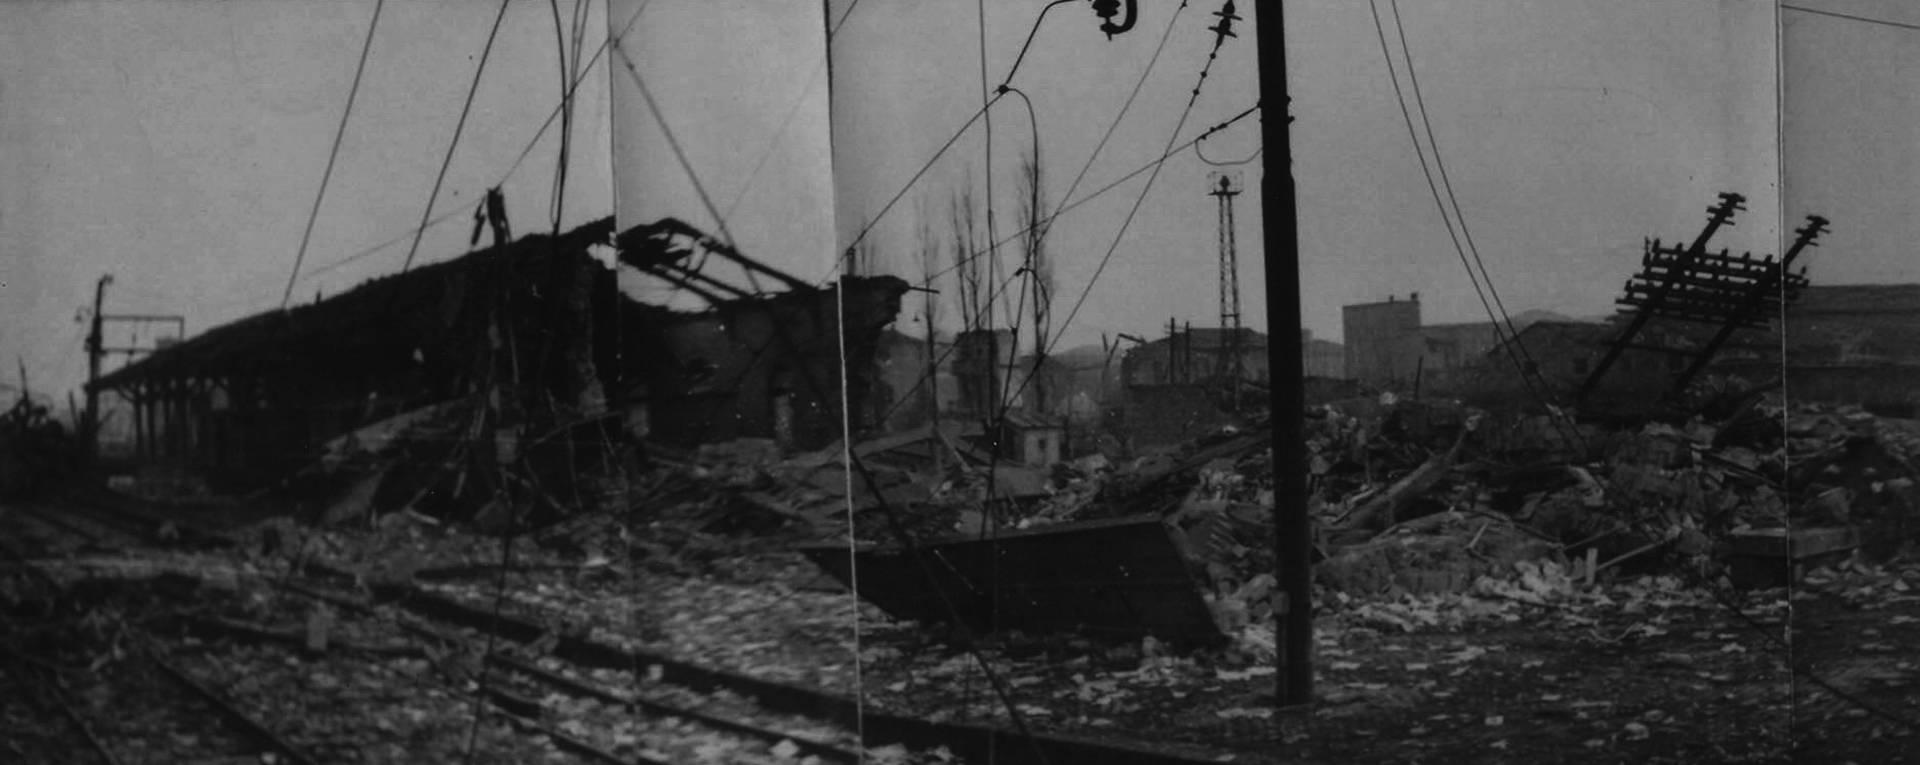 stazione dopo bombardamento